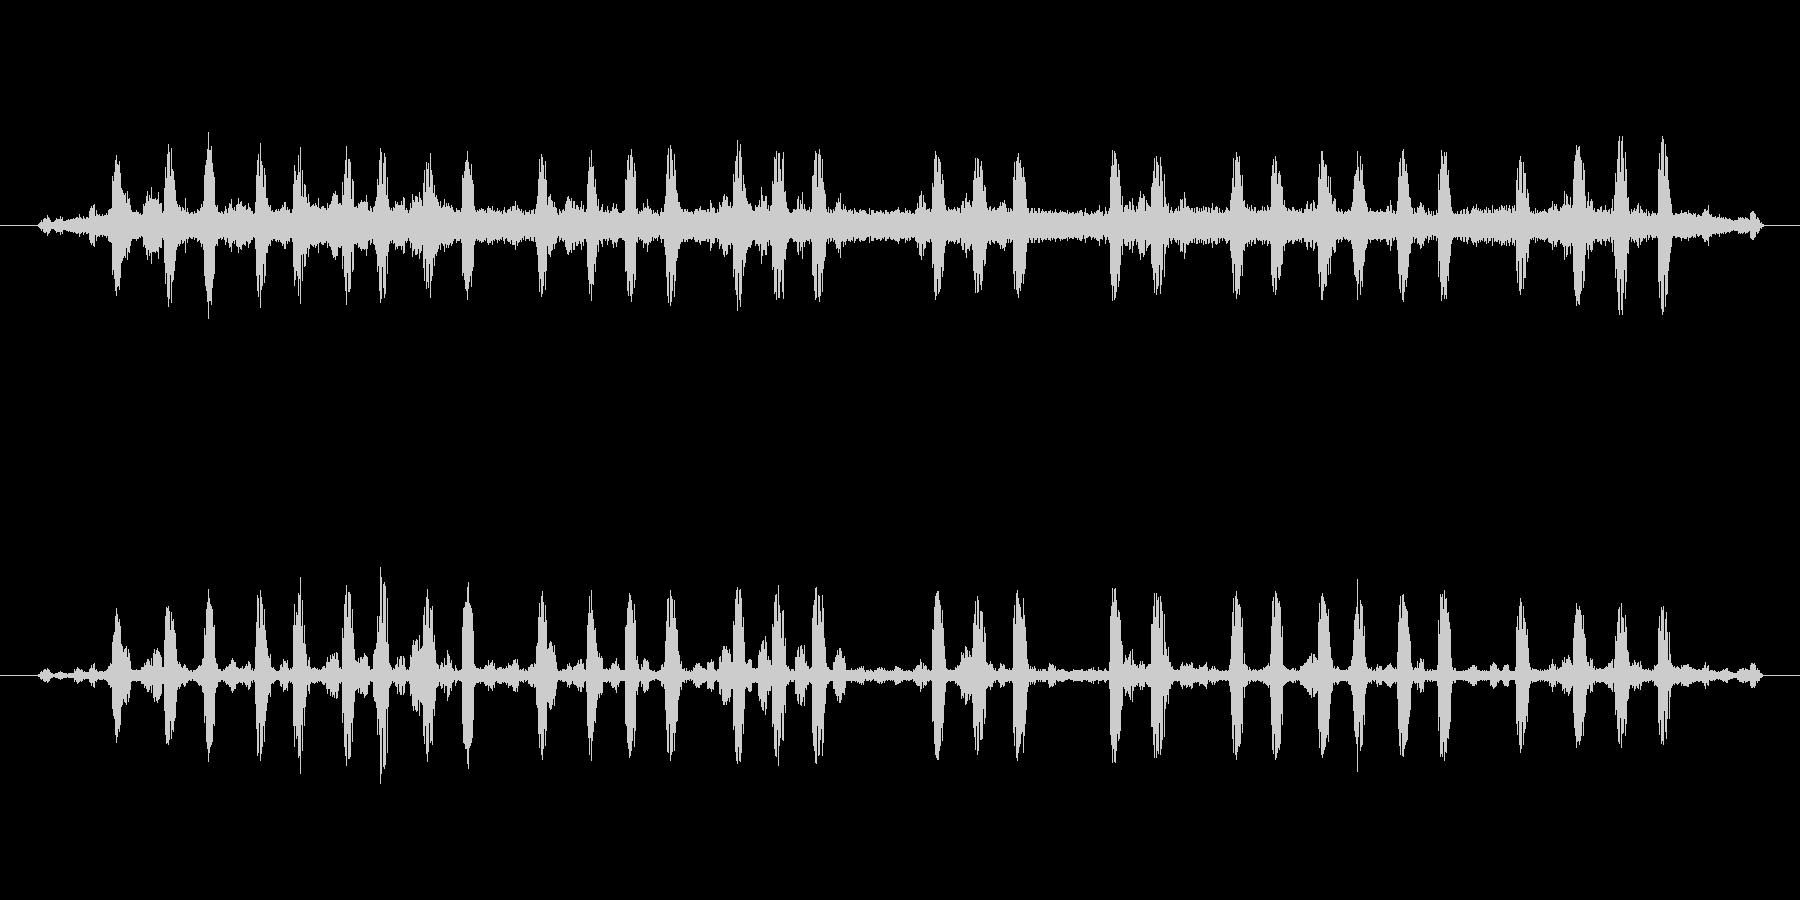 カエルと鈴虫の未再生の波形